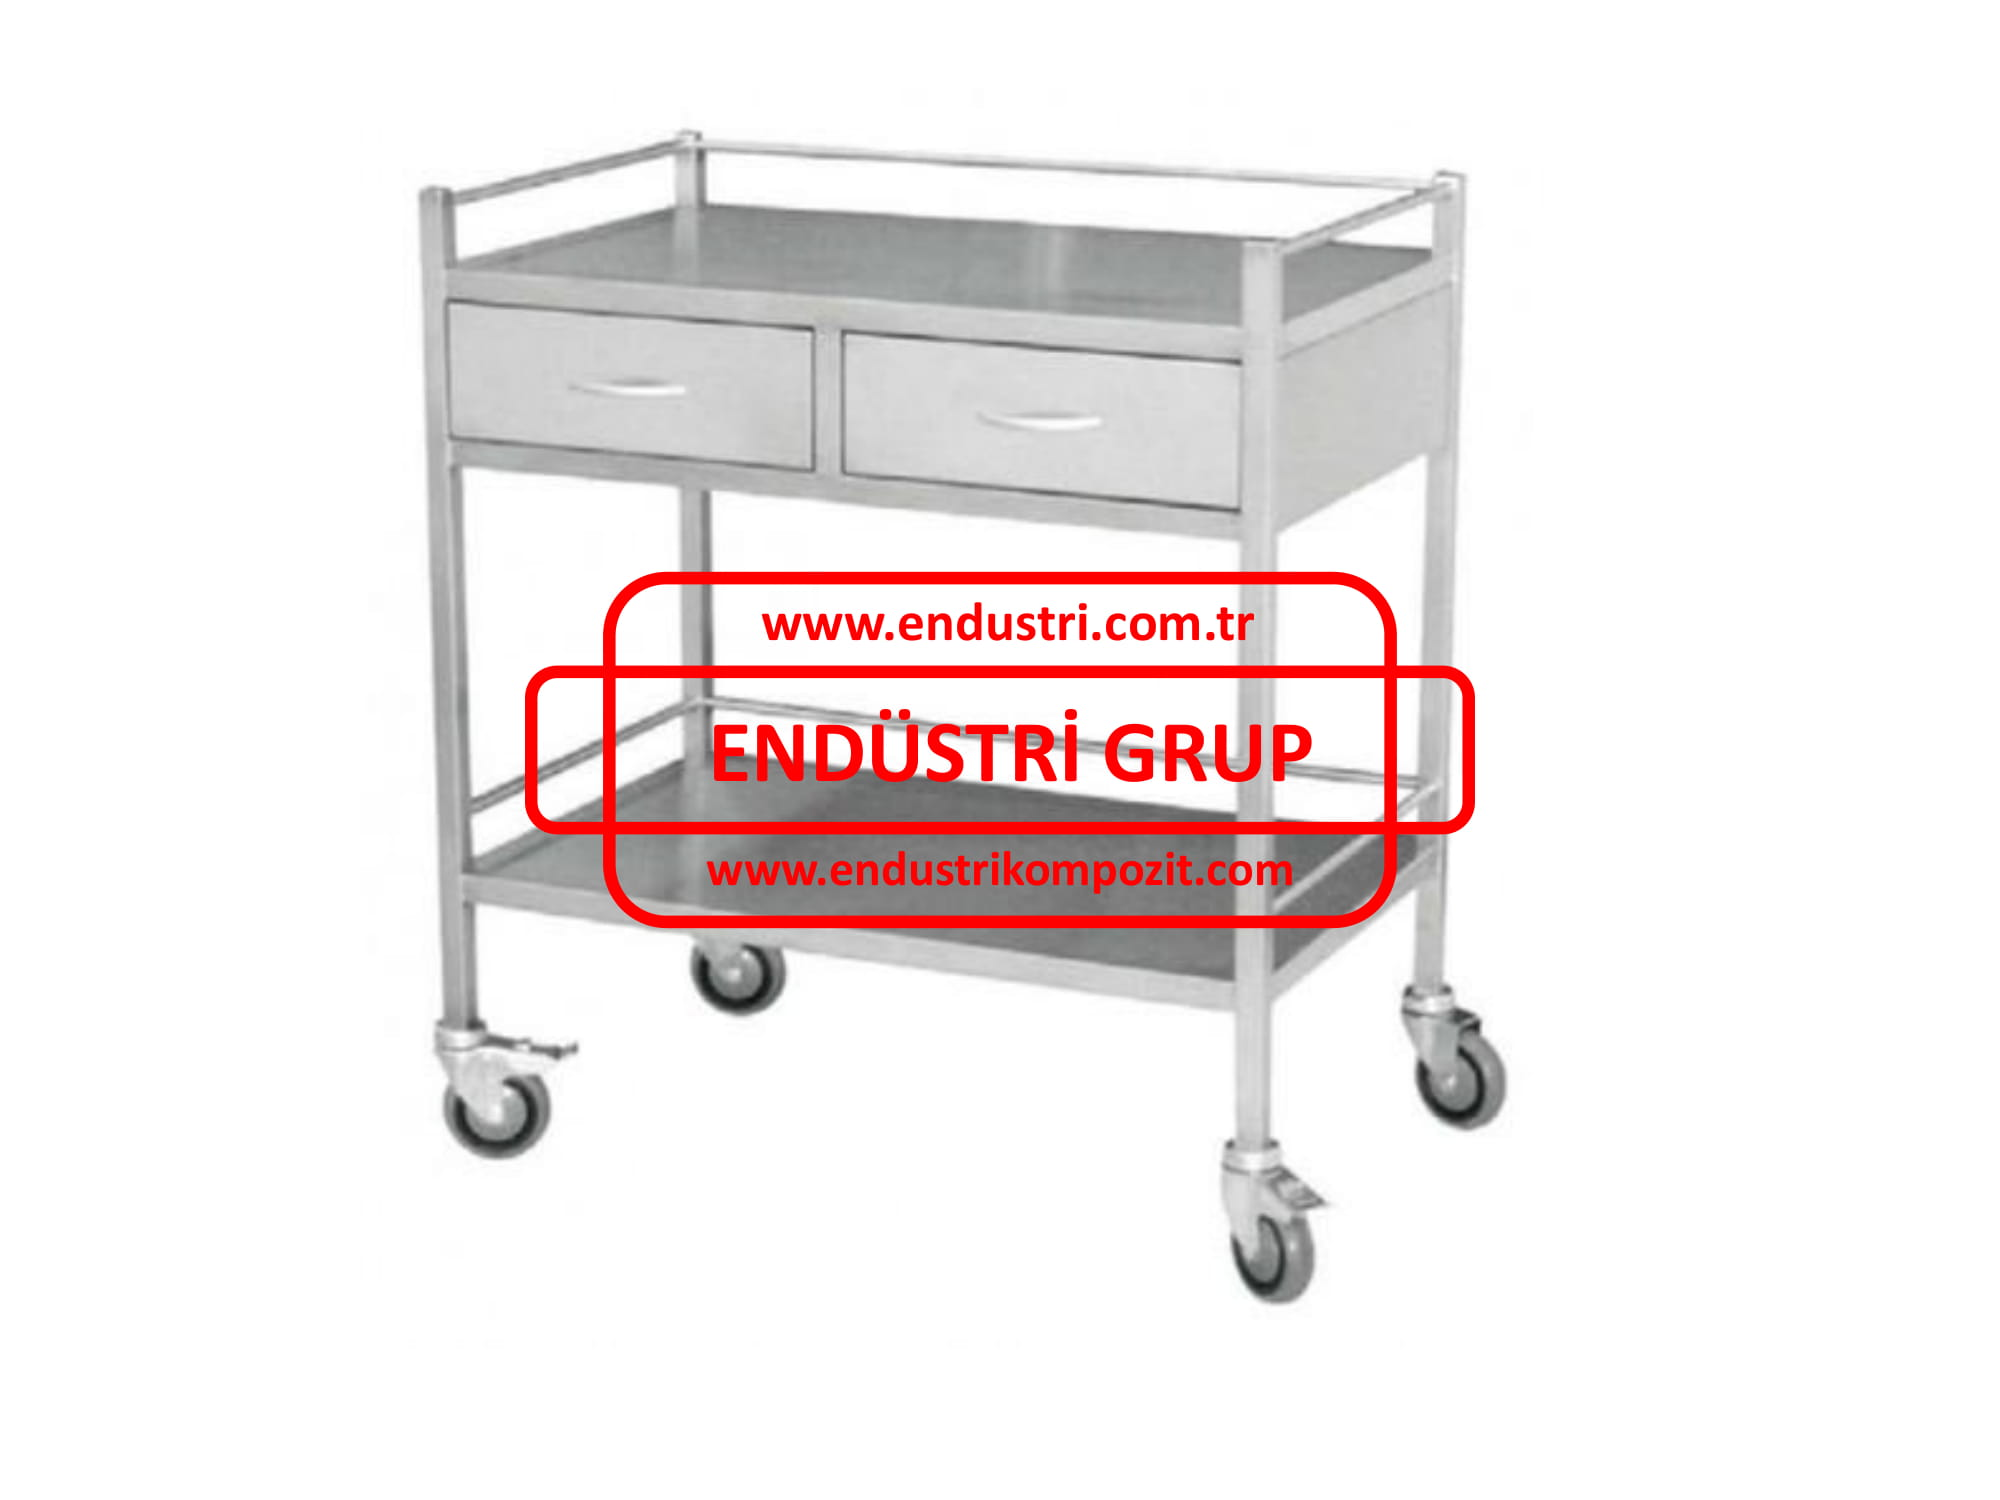 tekerlekli-paslanmaz-celik-medikal-hastane-saglik-pansuman-ameliyat-ilkyardim-malzeme-metal-tasima-servis-arabasi-arabalari